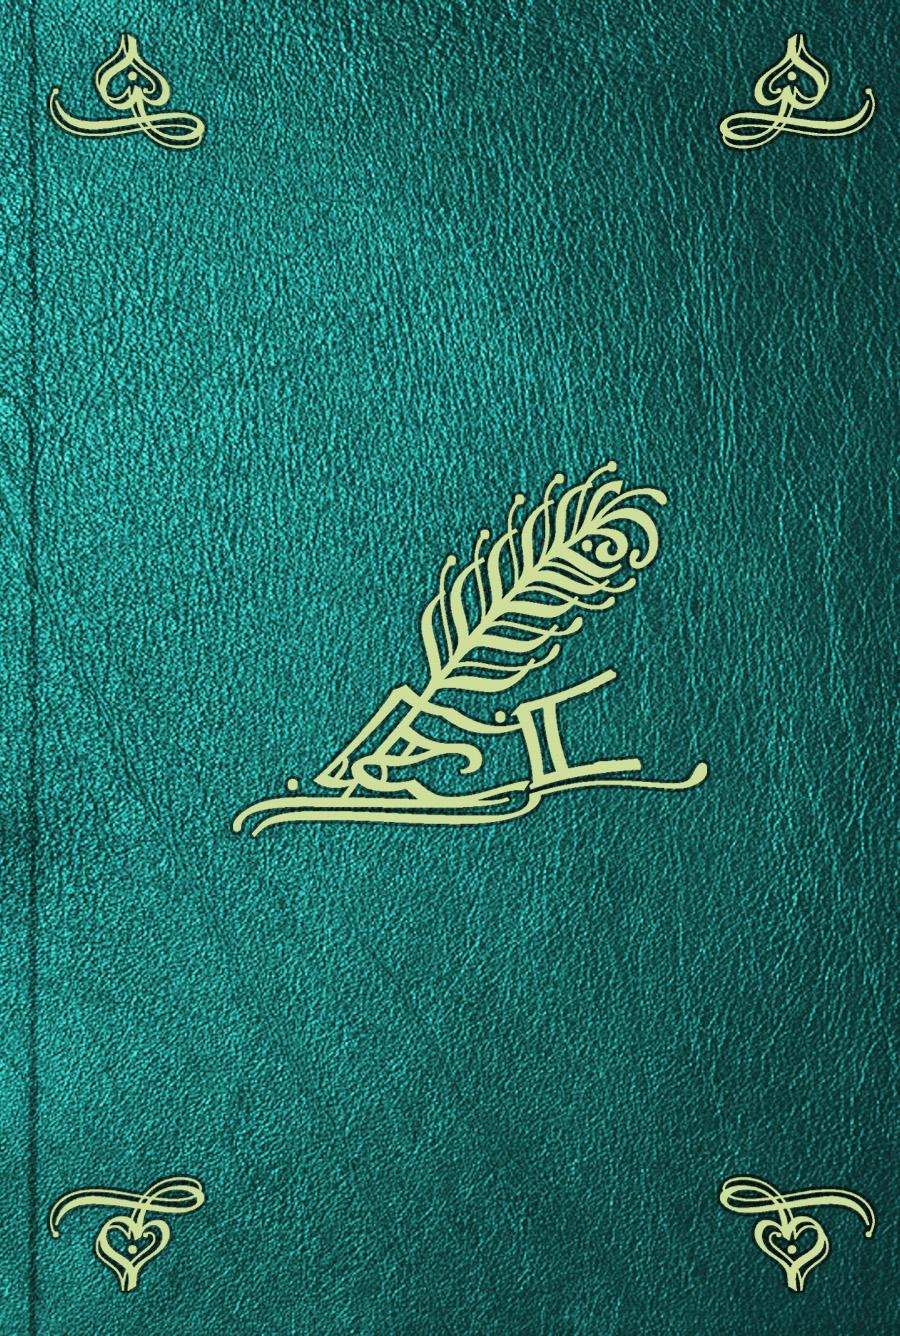 Отсутствует The historie of Orlando Furioso john row the historie of the kirk of scotland icelandic edition